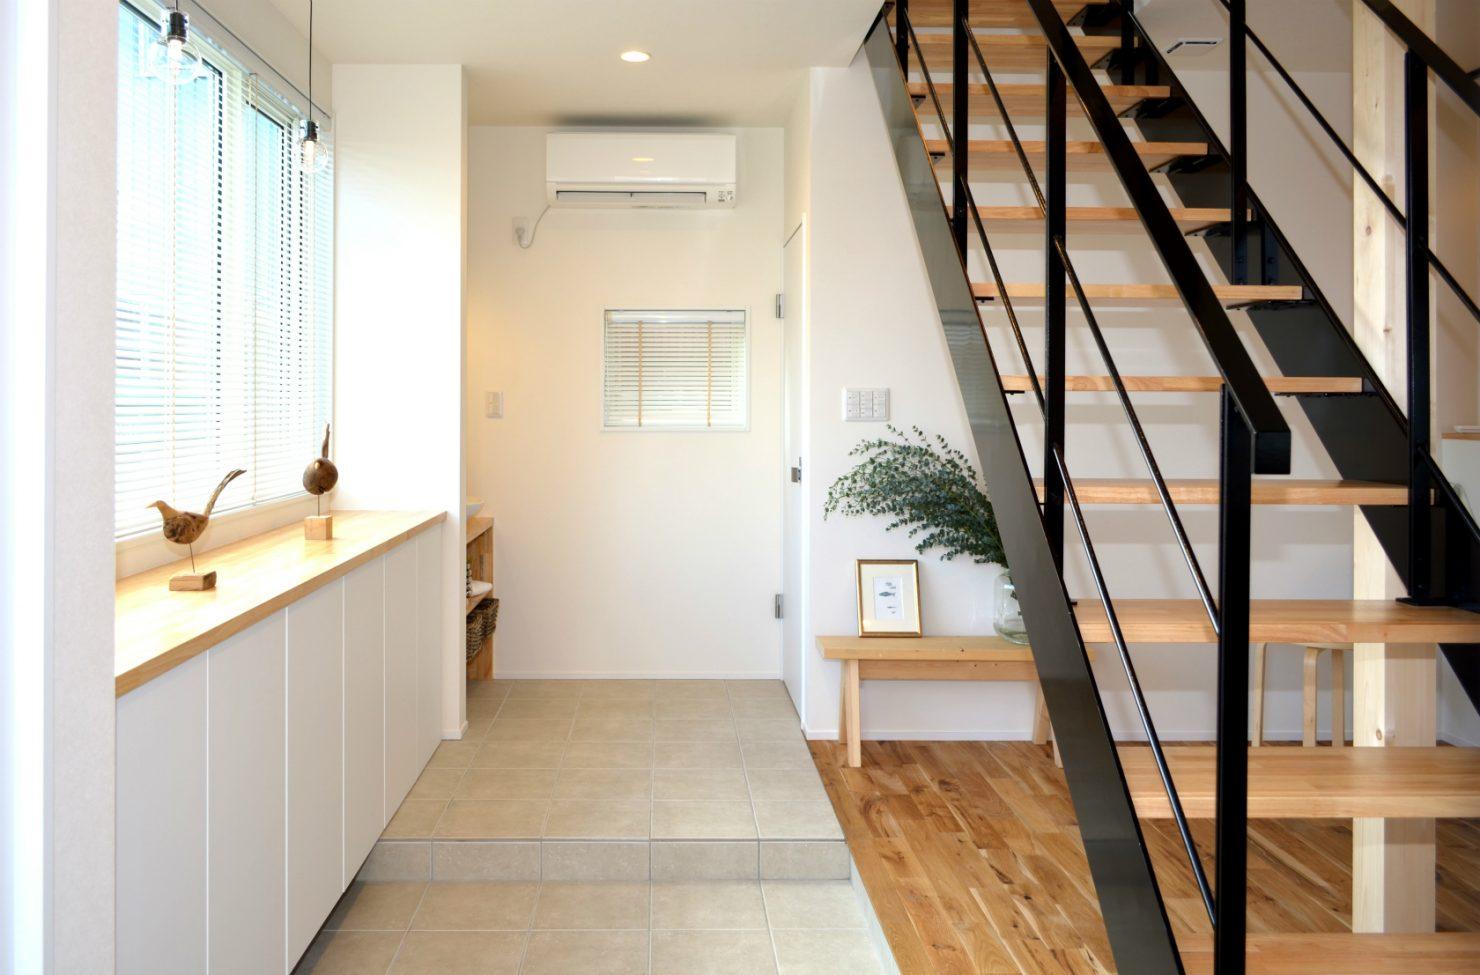 ハウスM21+archi「その場所にふさわしいカタチで佇む住まい」玄関写真